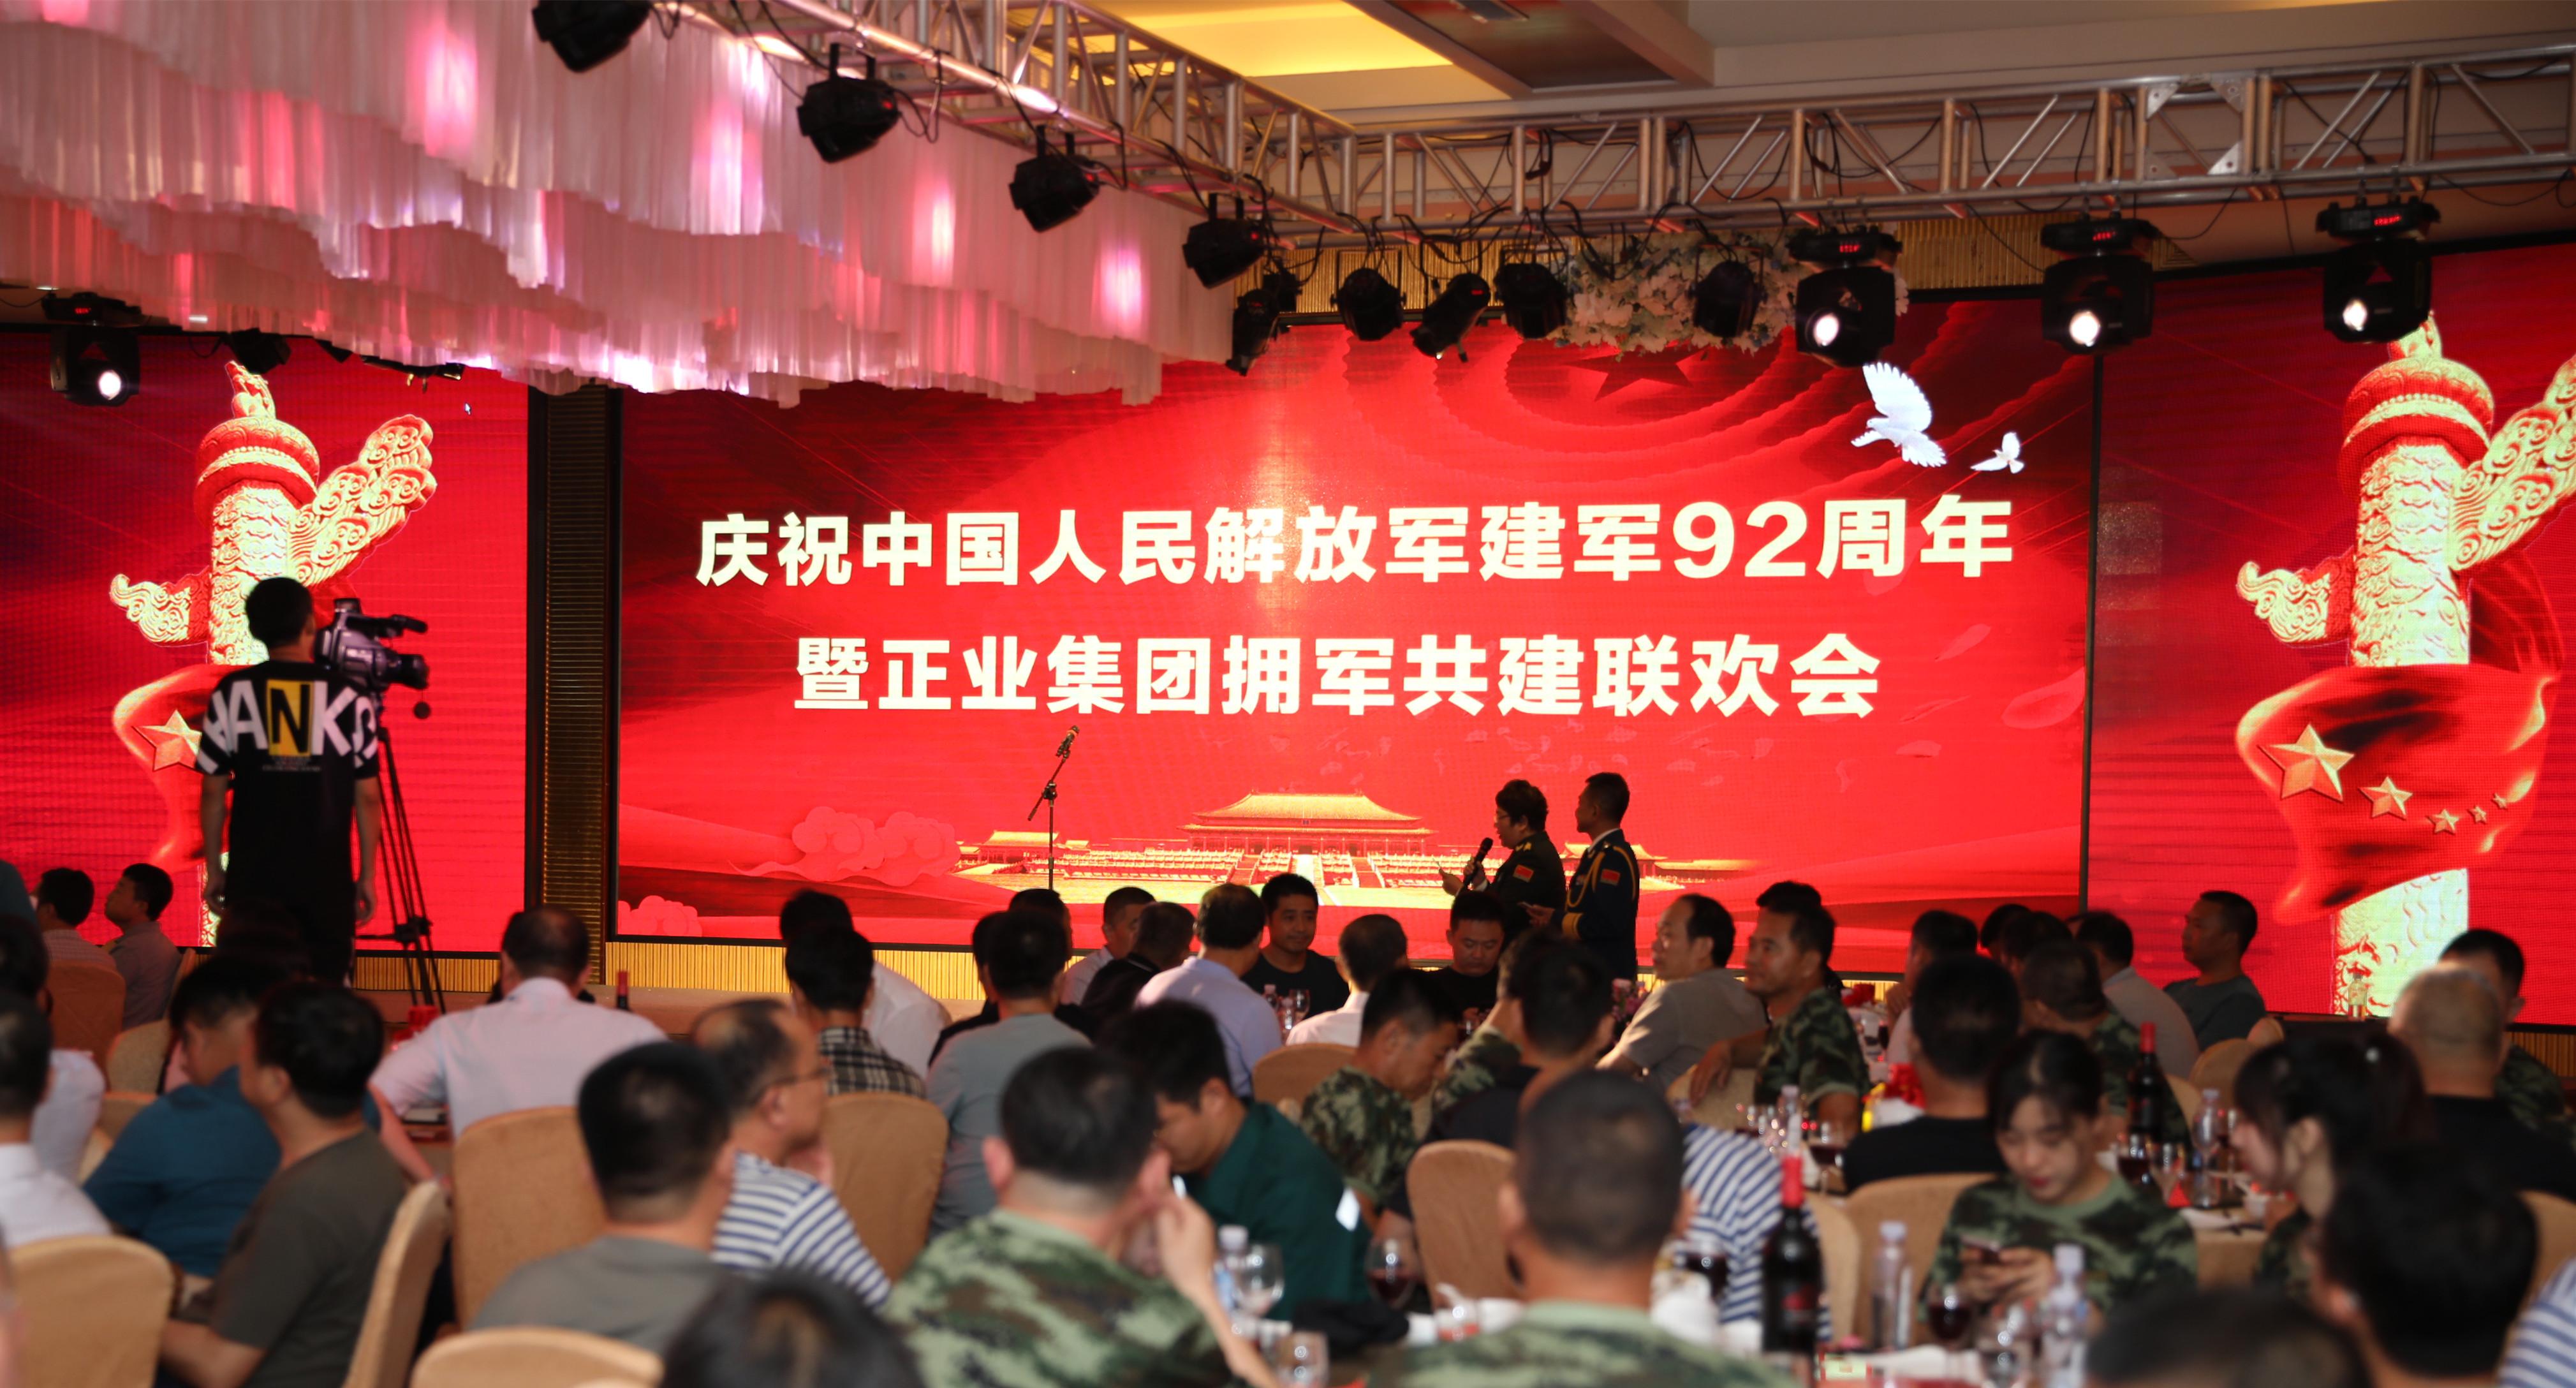 庆祝中国人民解放军建军92周年暨亚博体育官网集团拥军共建联欢会隆重召开